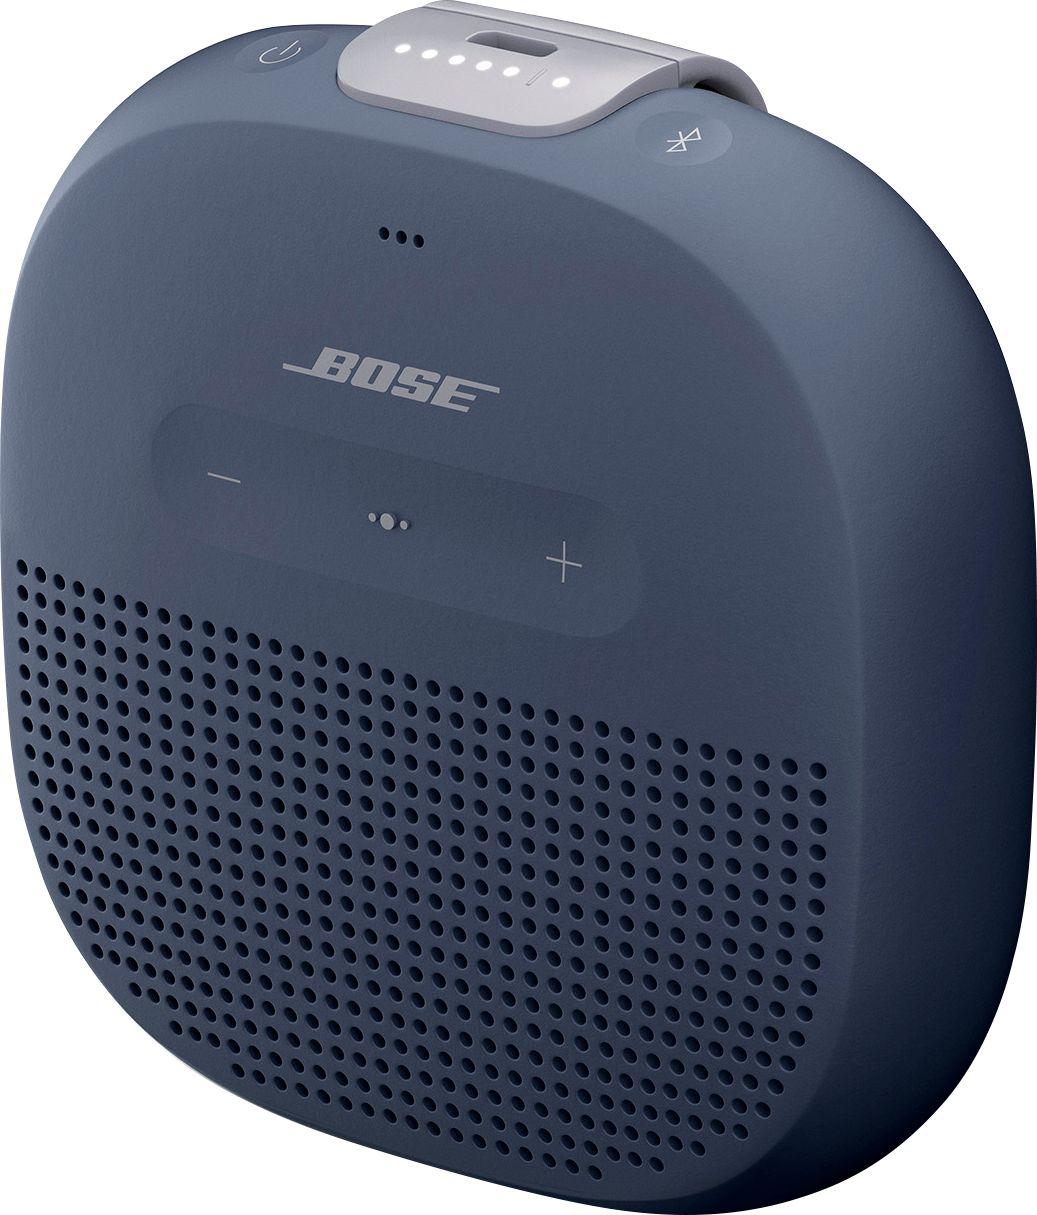 Bose Soundlink Micro Caixa de Som Bluetooth resistente a agua - Azul  - Audio Video & cia